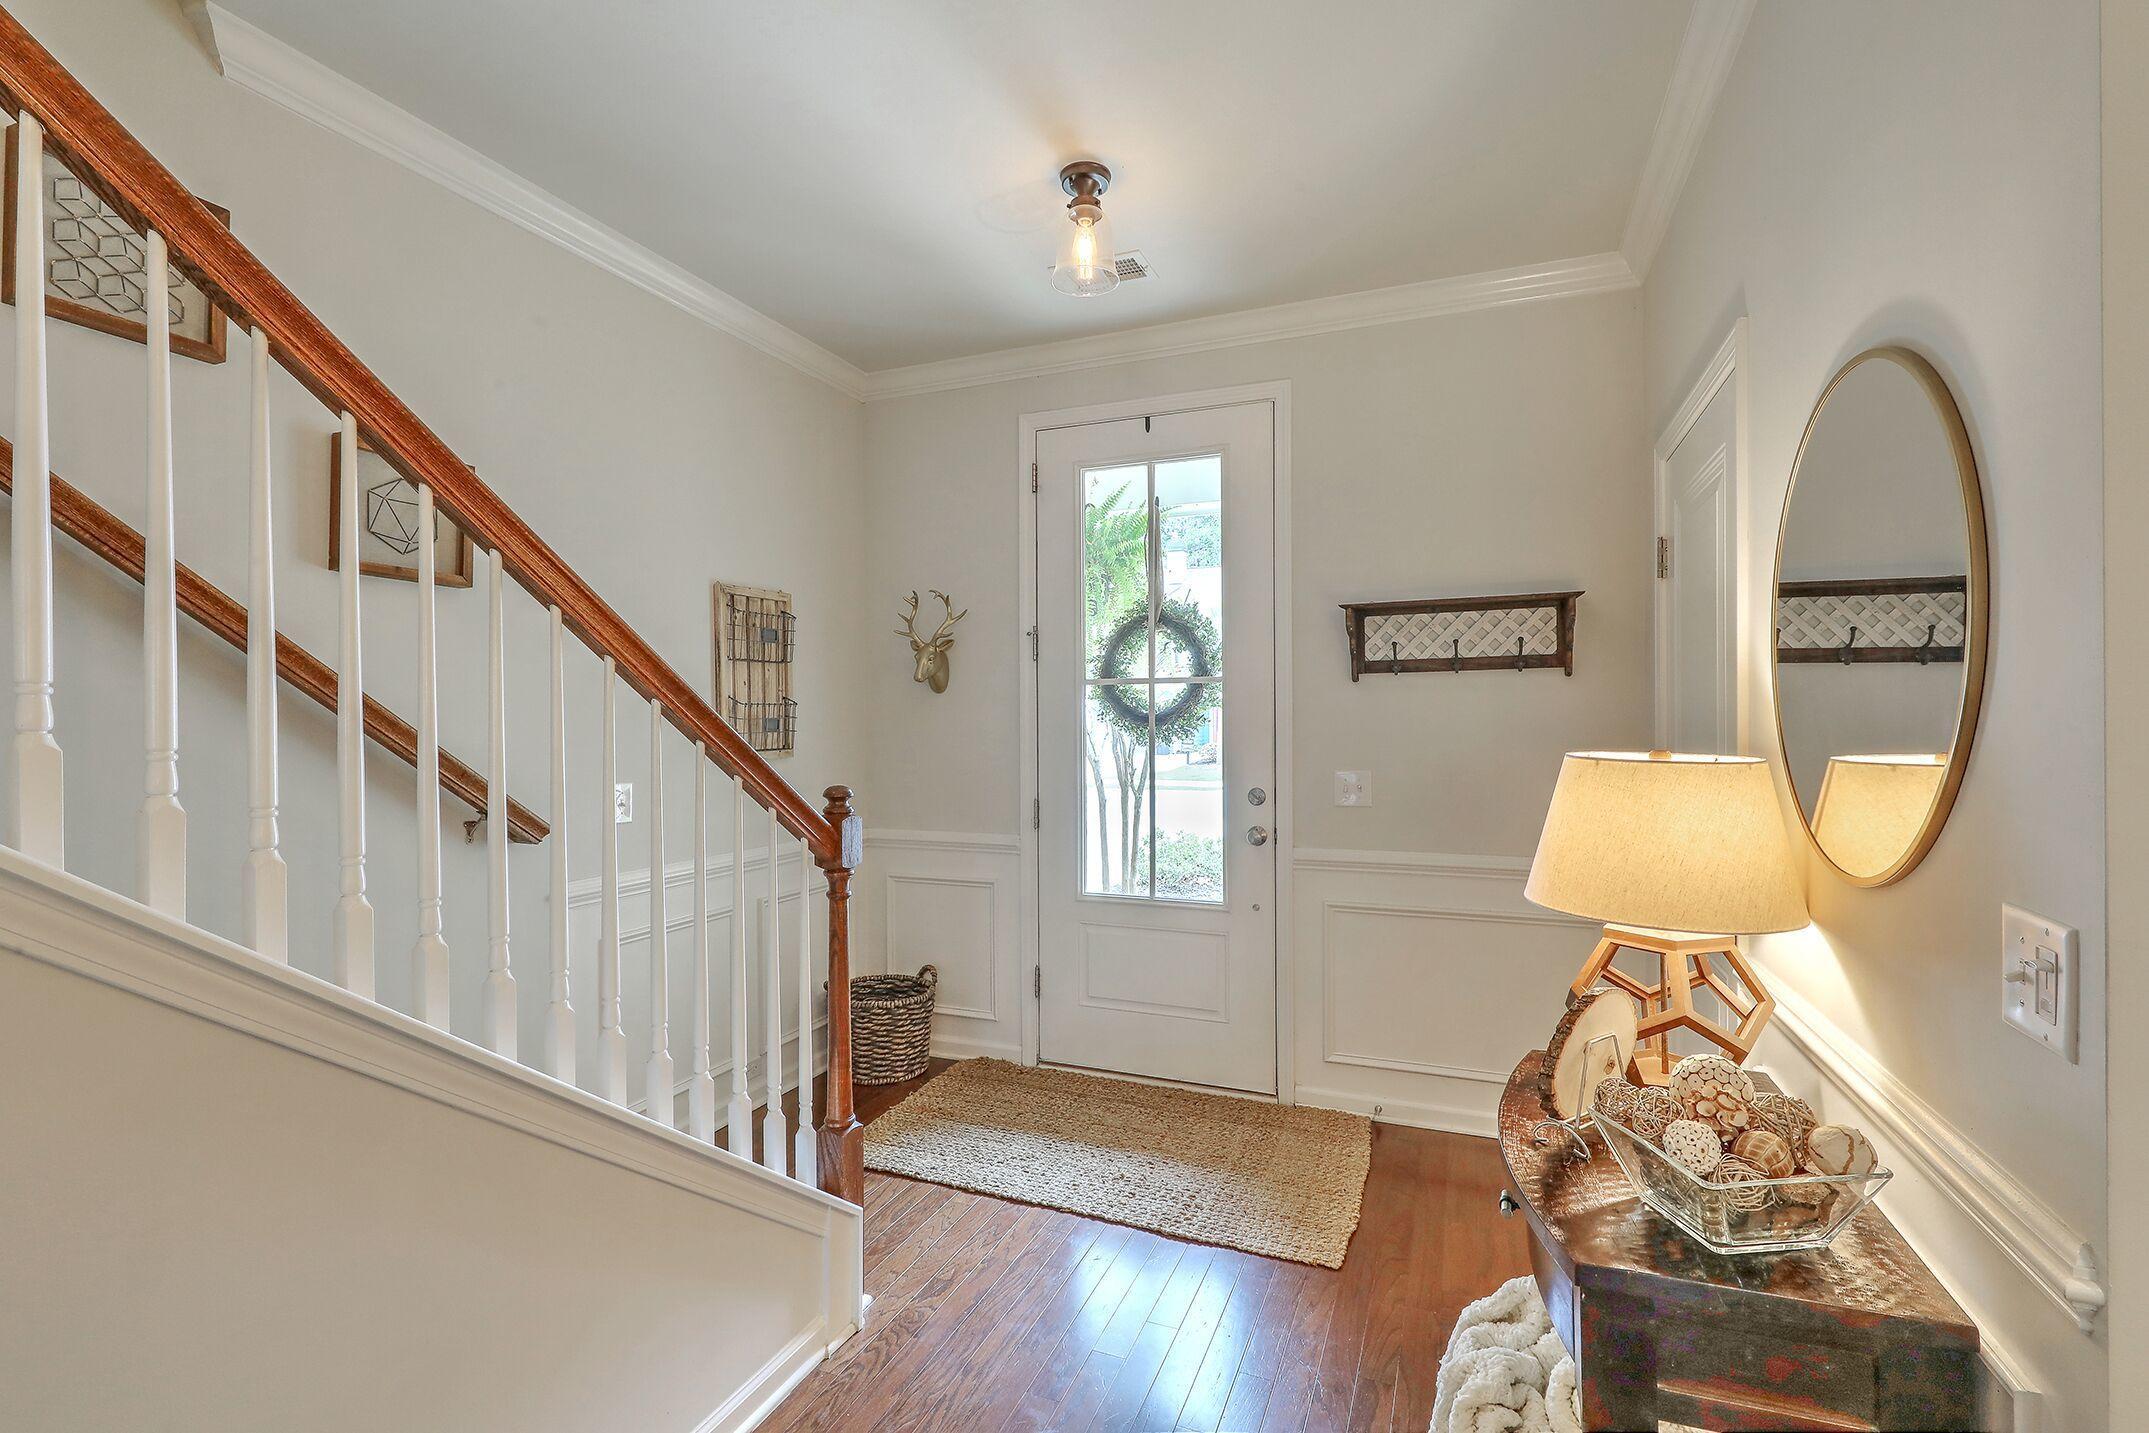 Park West Homes For Sale - 1819 Chauncys, Mount Pleasant, SC - 4